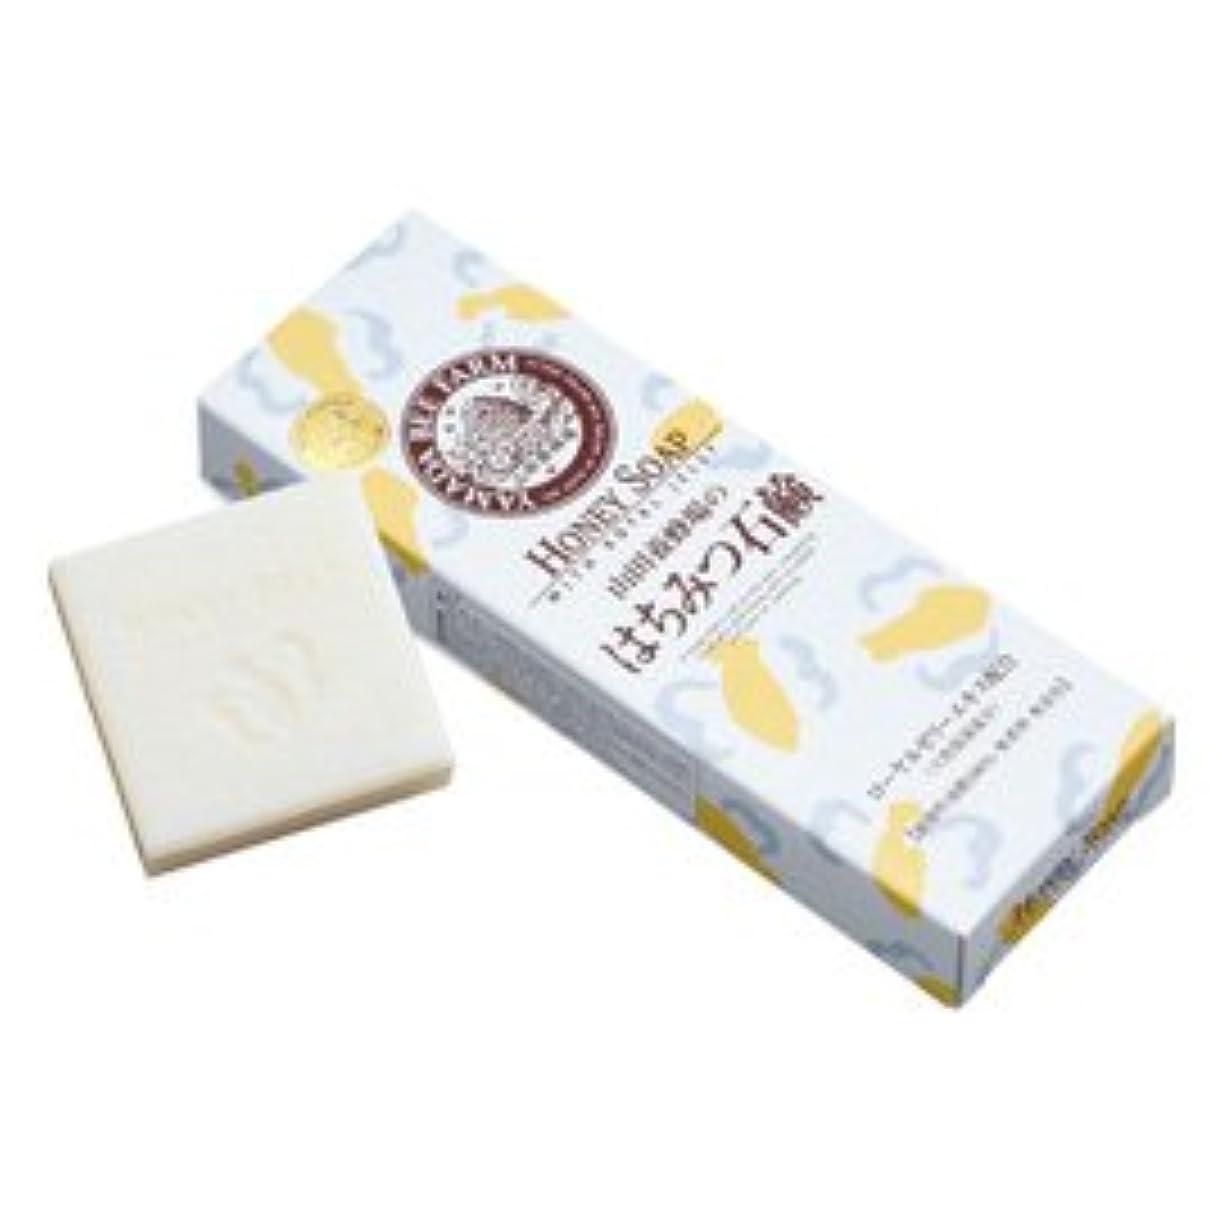 はちみつ石鹸 60g×3個入/Honey Soap